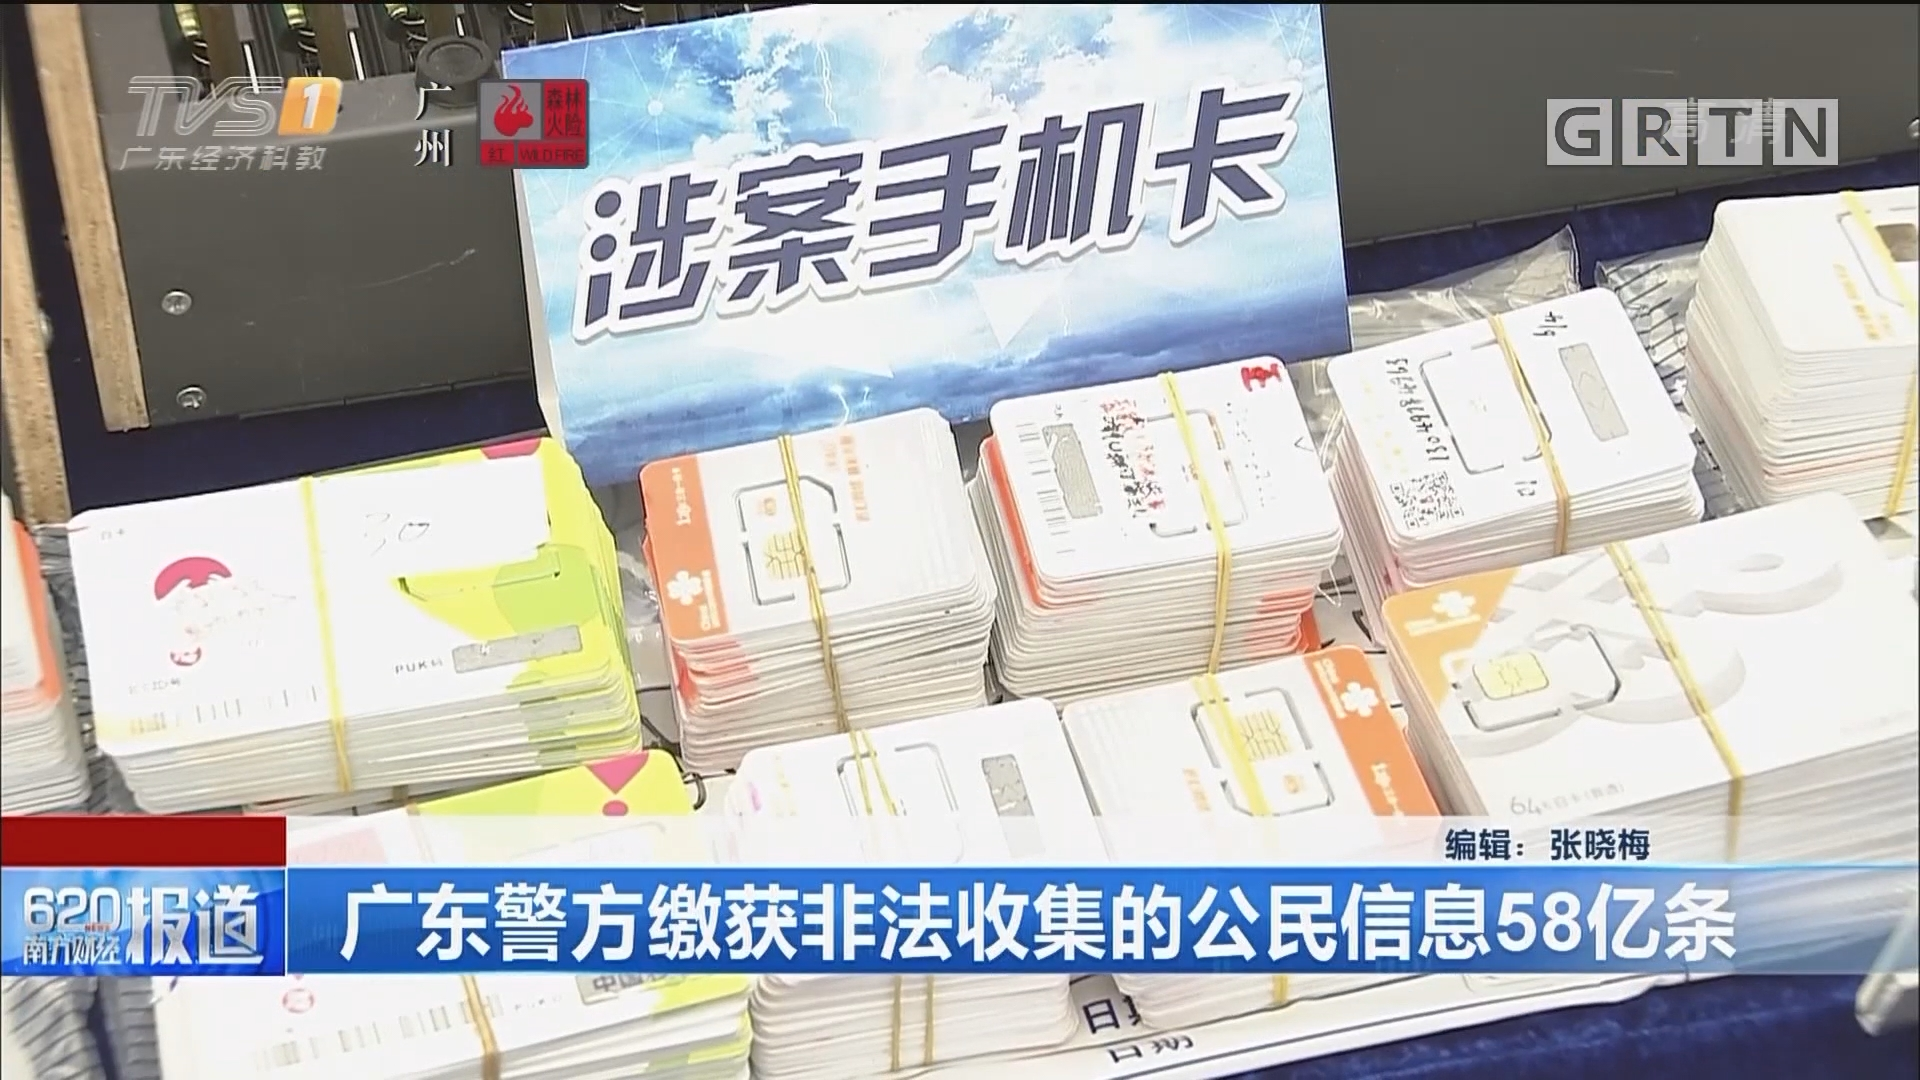 广东警方缴获非法收集的公民信息58亿条